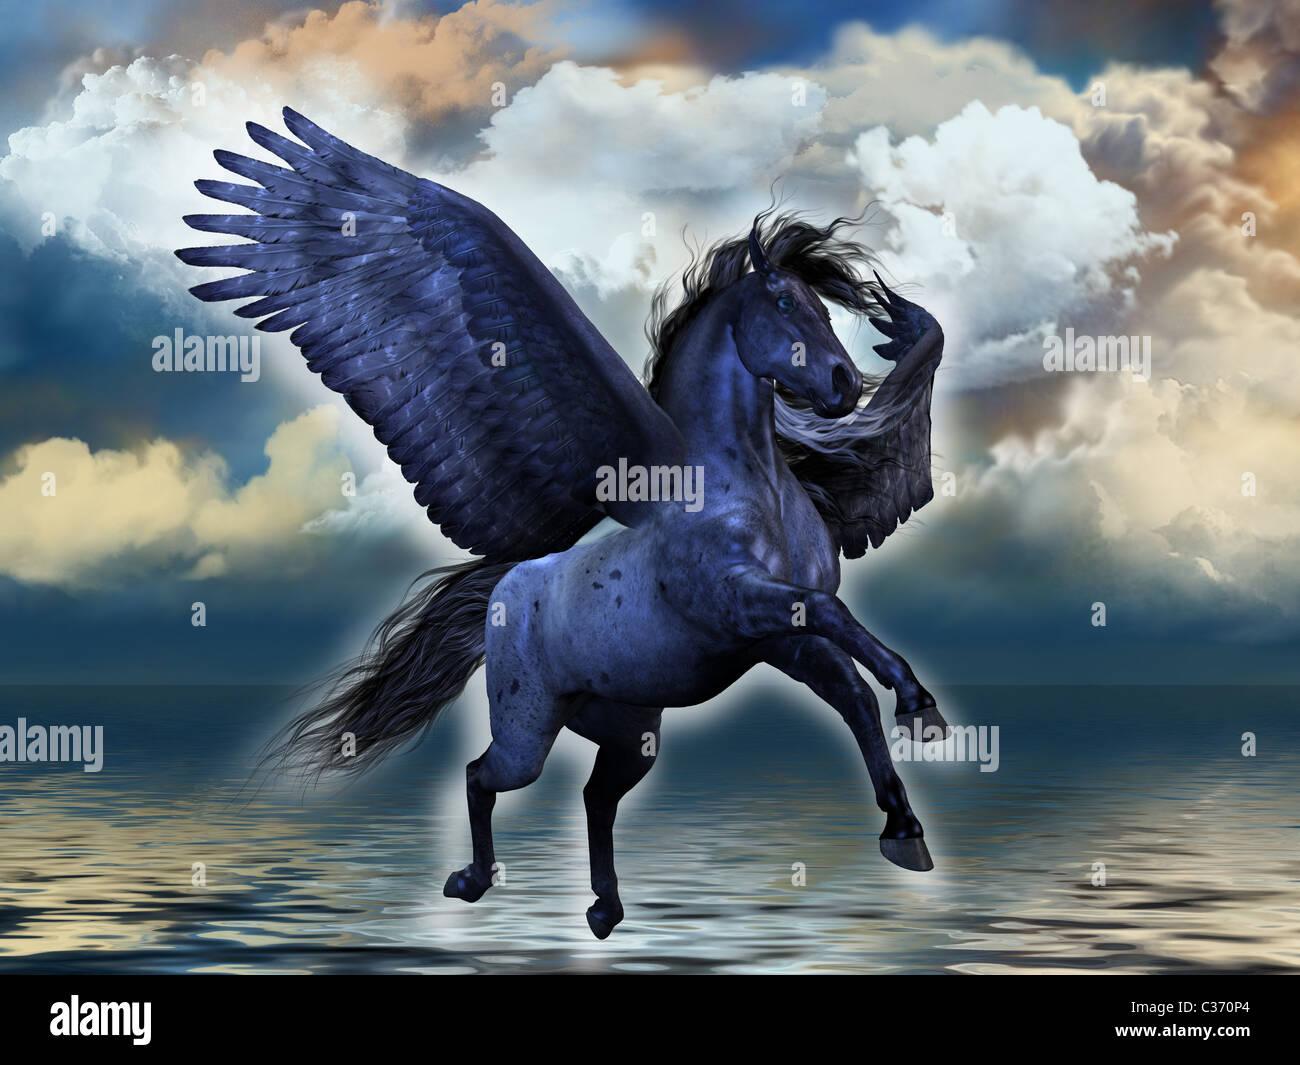 Un nero Stefano stallone Pegasus si illumina con poteri magici. Immagini Stock